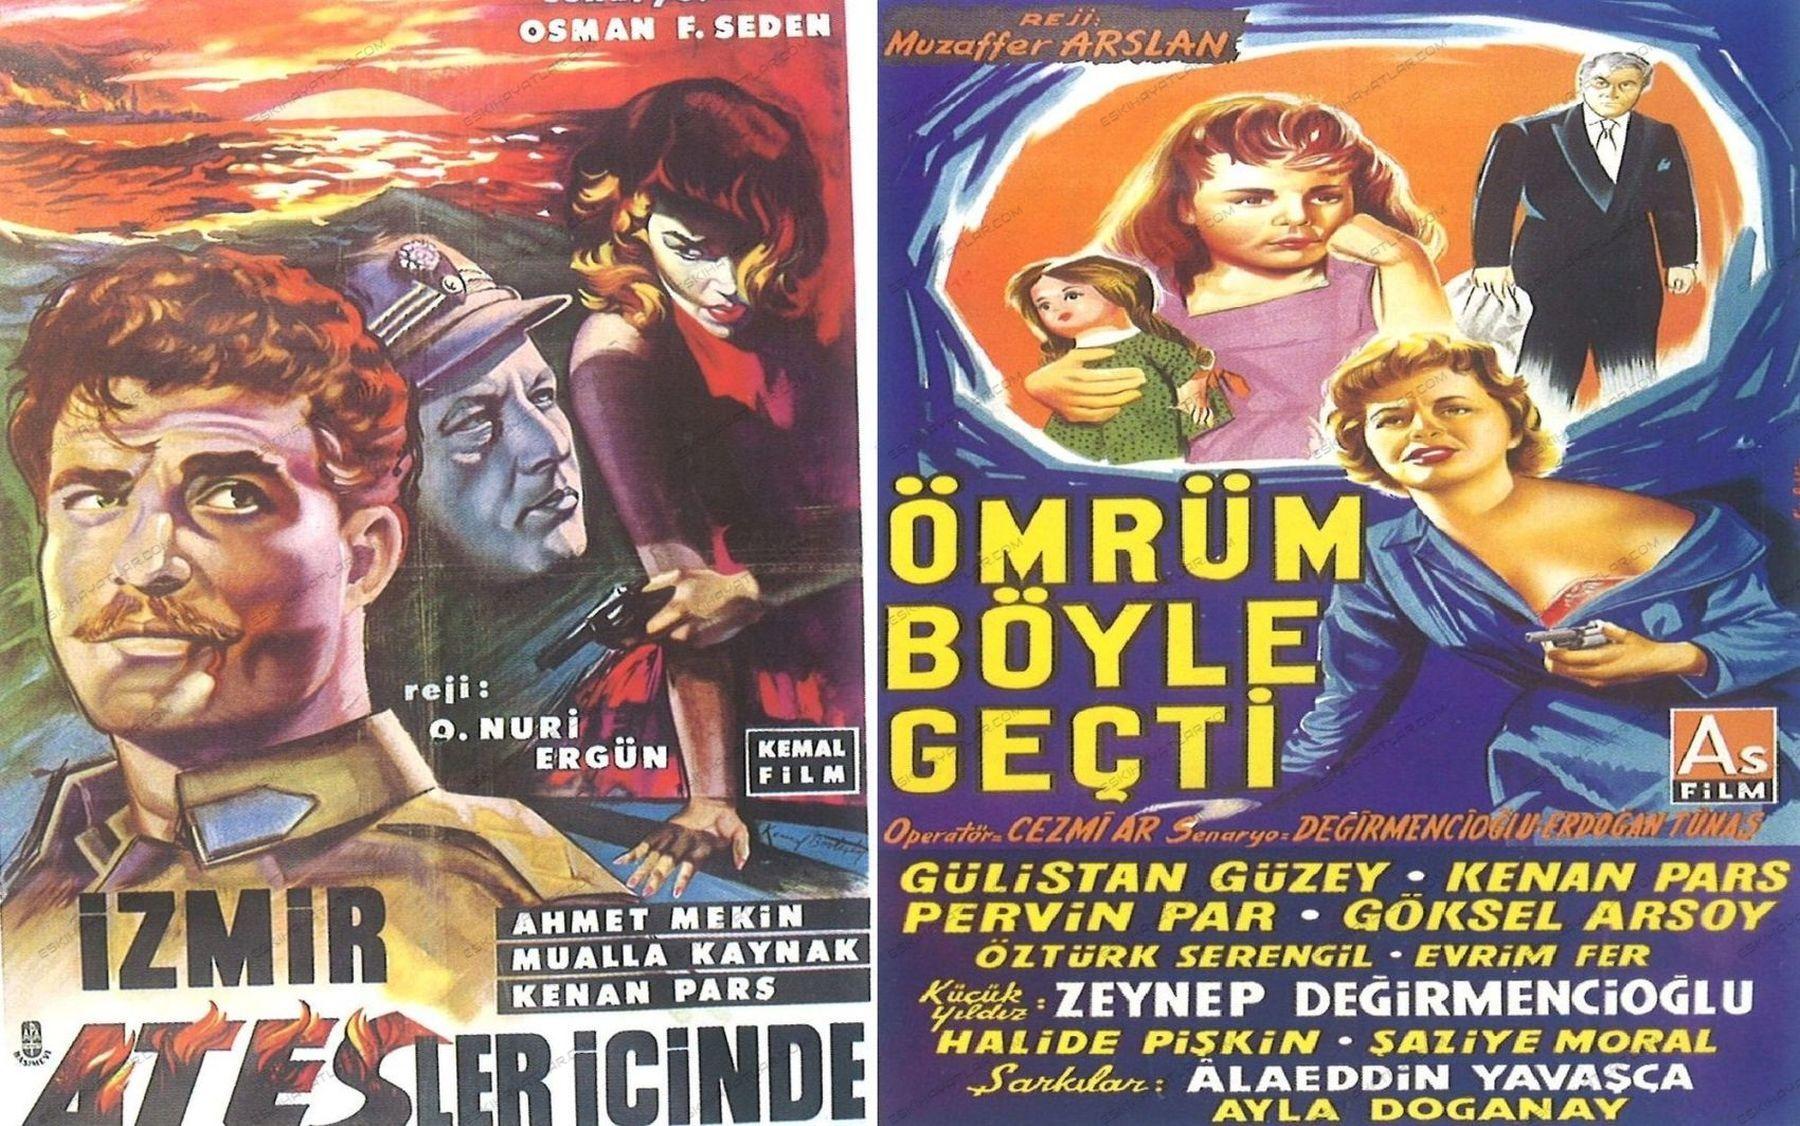 0171-kenan-pars-kimdir-kirkor-cezveciyan-film-afisleri-1959-izmir-atesler-icinde-omrum-boyle-gecti